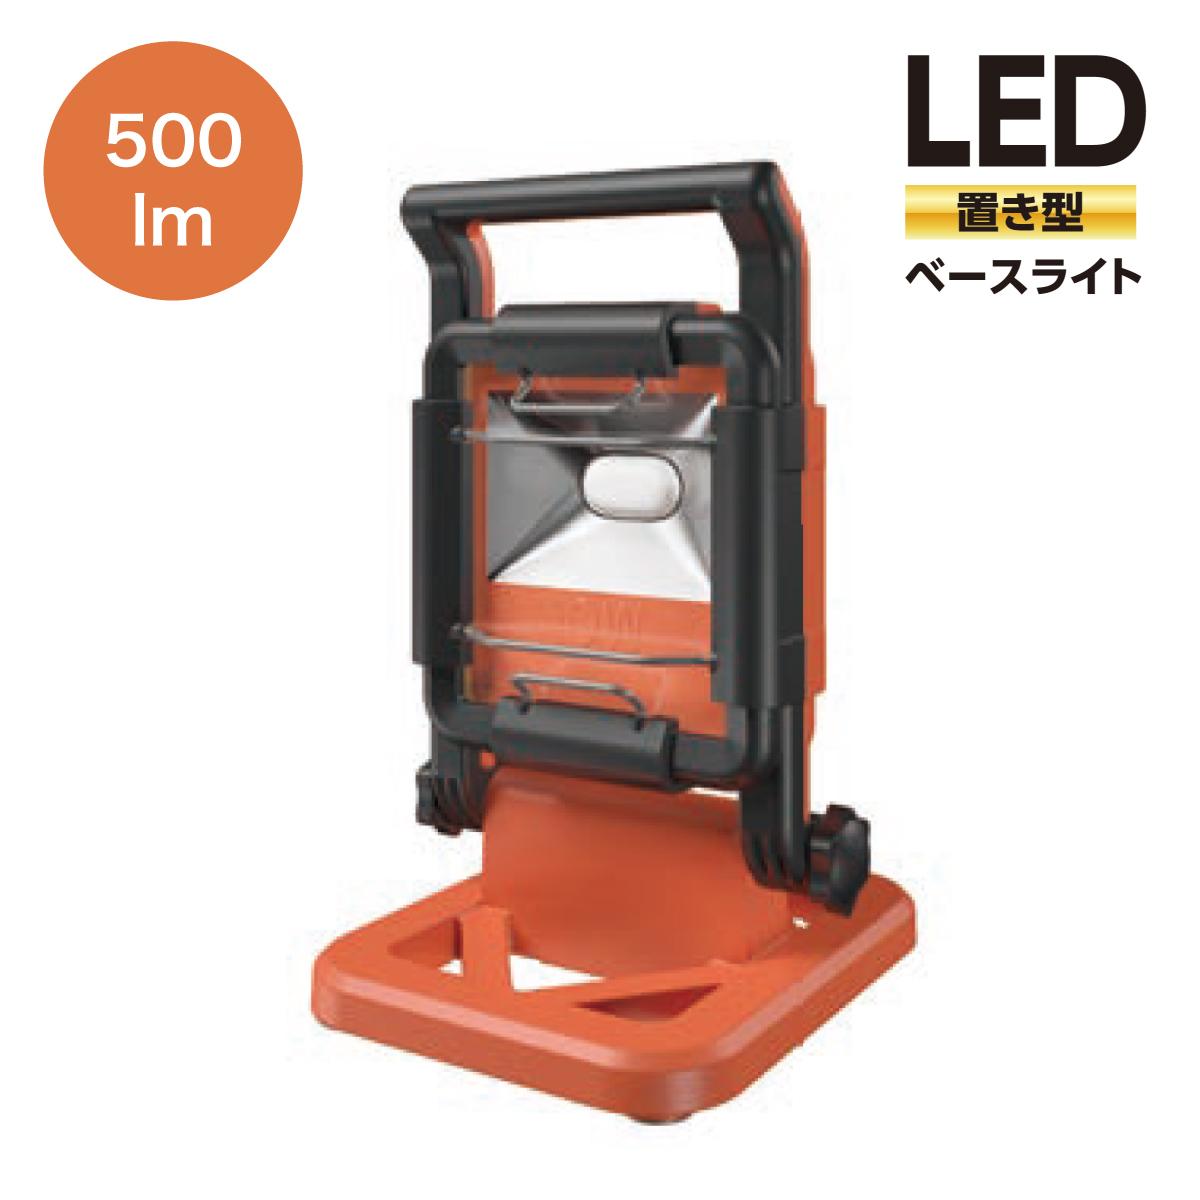 祝日 LEDベースライト ワークライト 照明 省電力 長寿命 防水 500lm 防塵 ライト 即納最大半額 LEDスタンドライト LWT-500BA ブルズLEDワークライトシリーズ